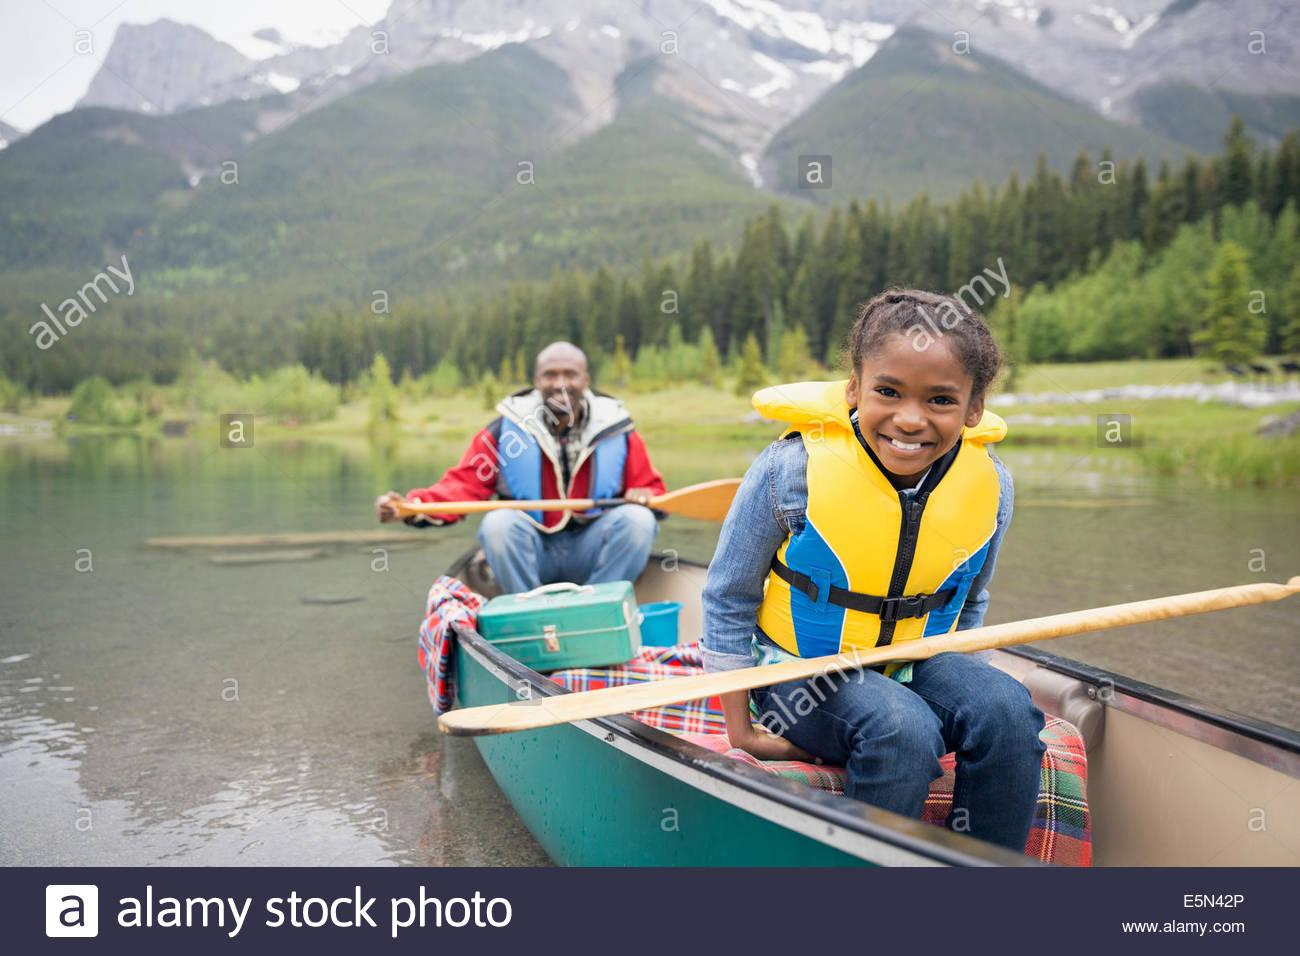 Père et fille canoë dans le lac Photo Stock